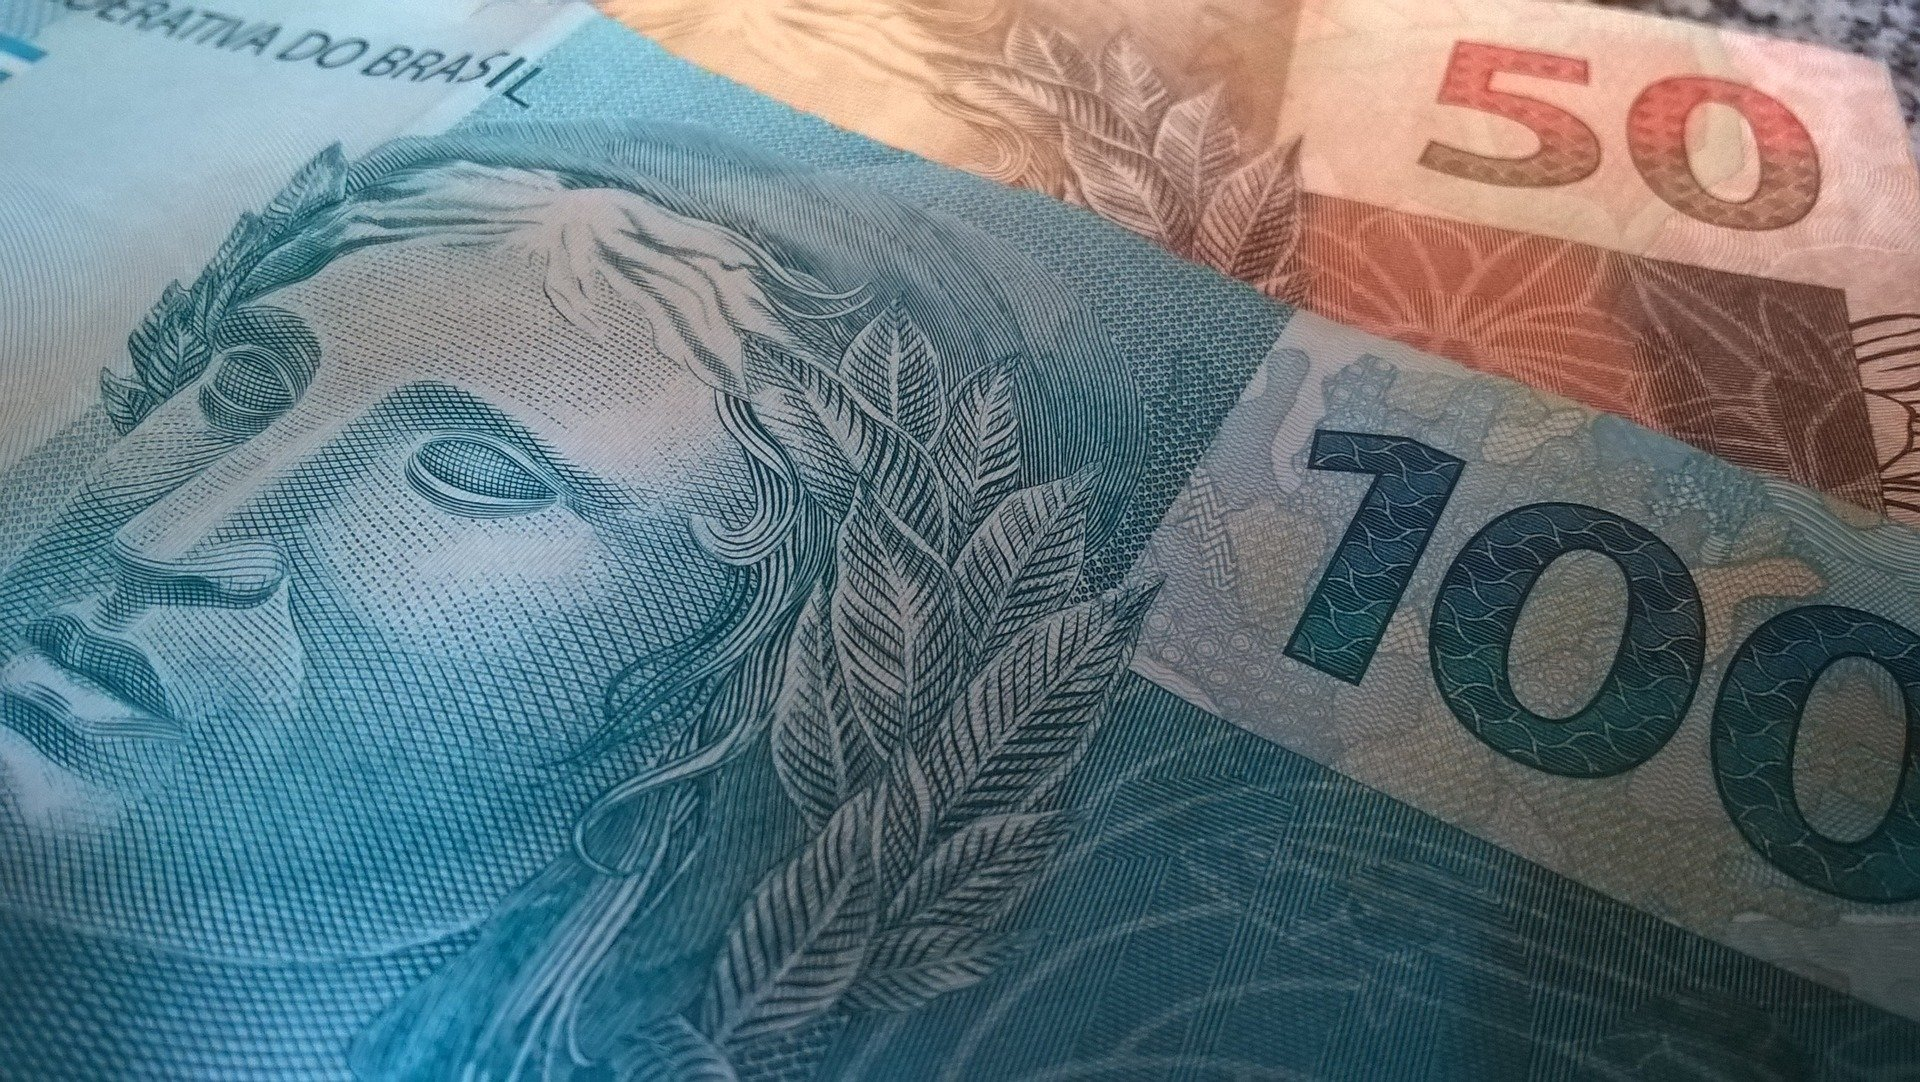 (Apesar de ter atingido R$ 346,6 bilhões em subsídios em 2020, o que representa 4,65% do PIB, relatório da União aponta que menos de 10% foram destinados a fundos e programas como Minha Casa Minha Vida e Fies. Foto: Reprodução/Pixabay)